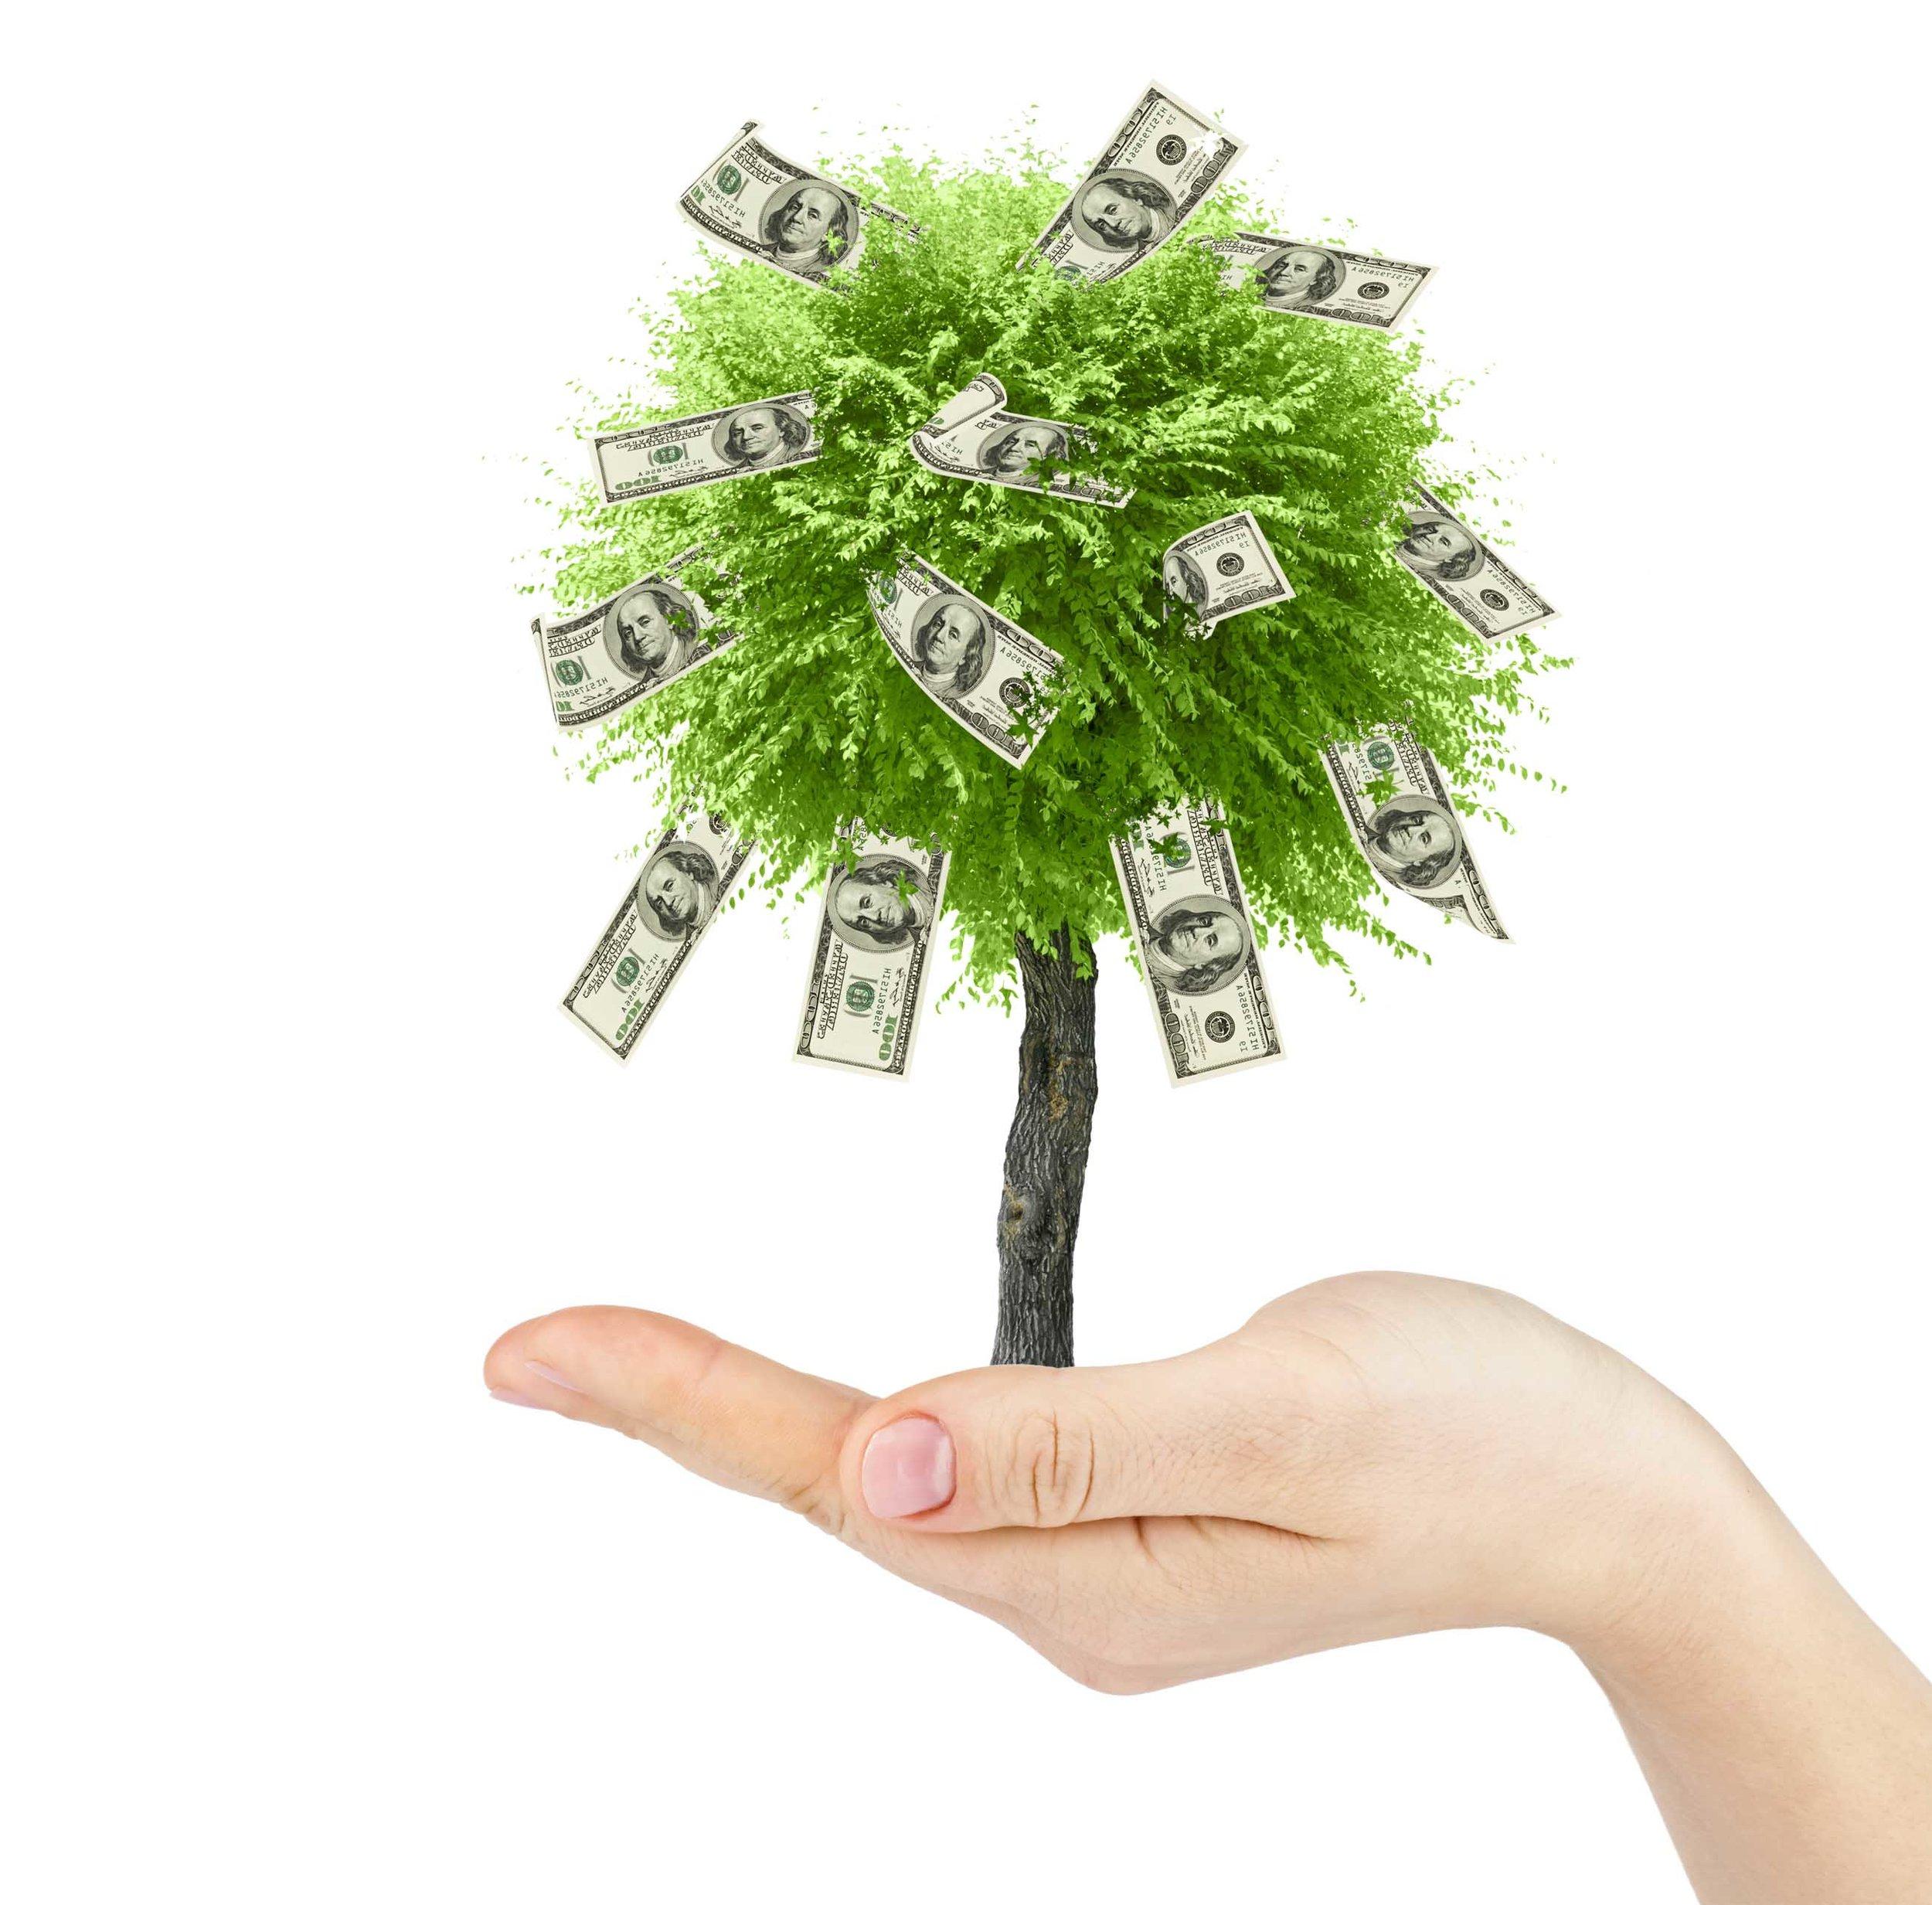 graphic-tree-in-hand-flipped-horizontal.jpg